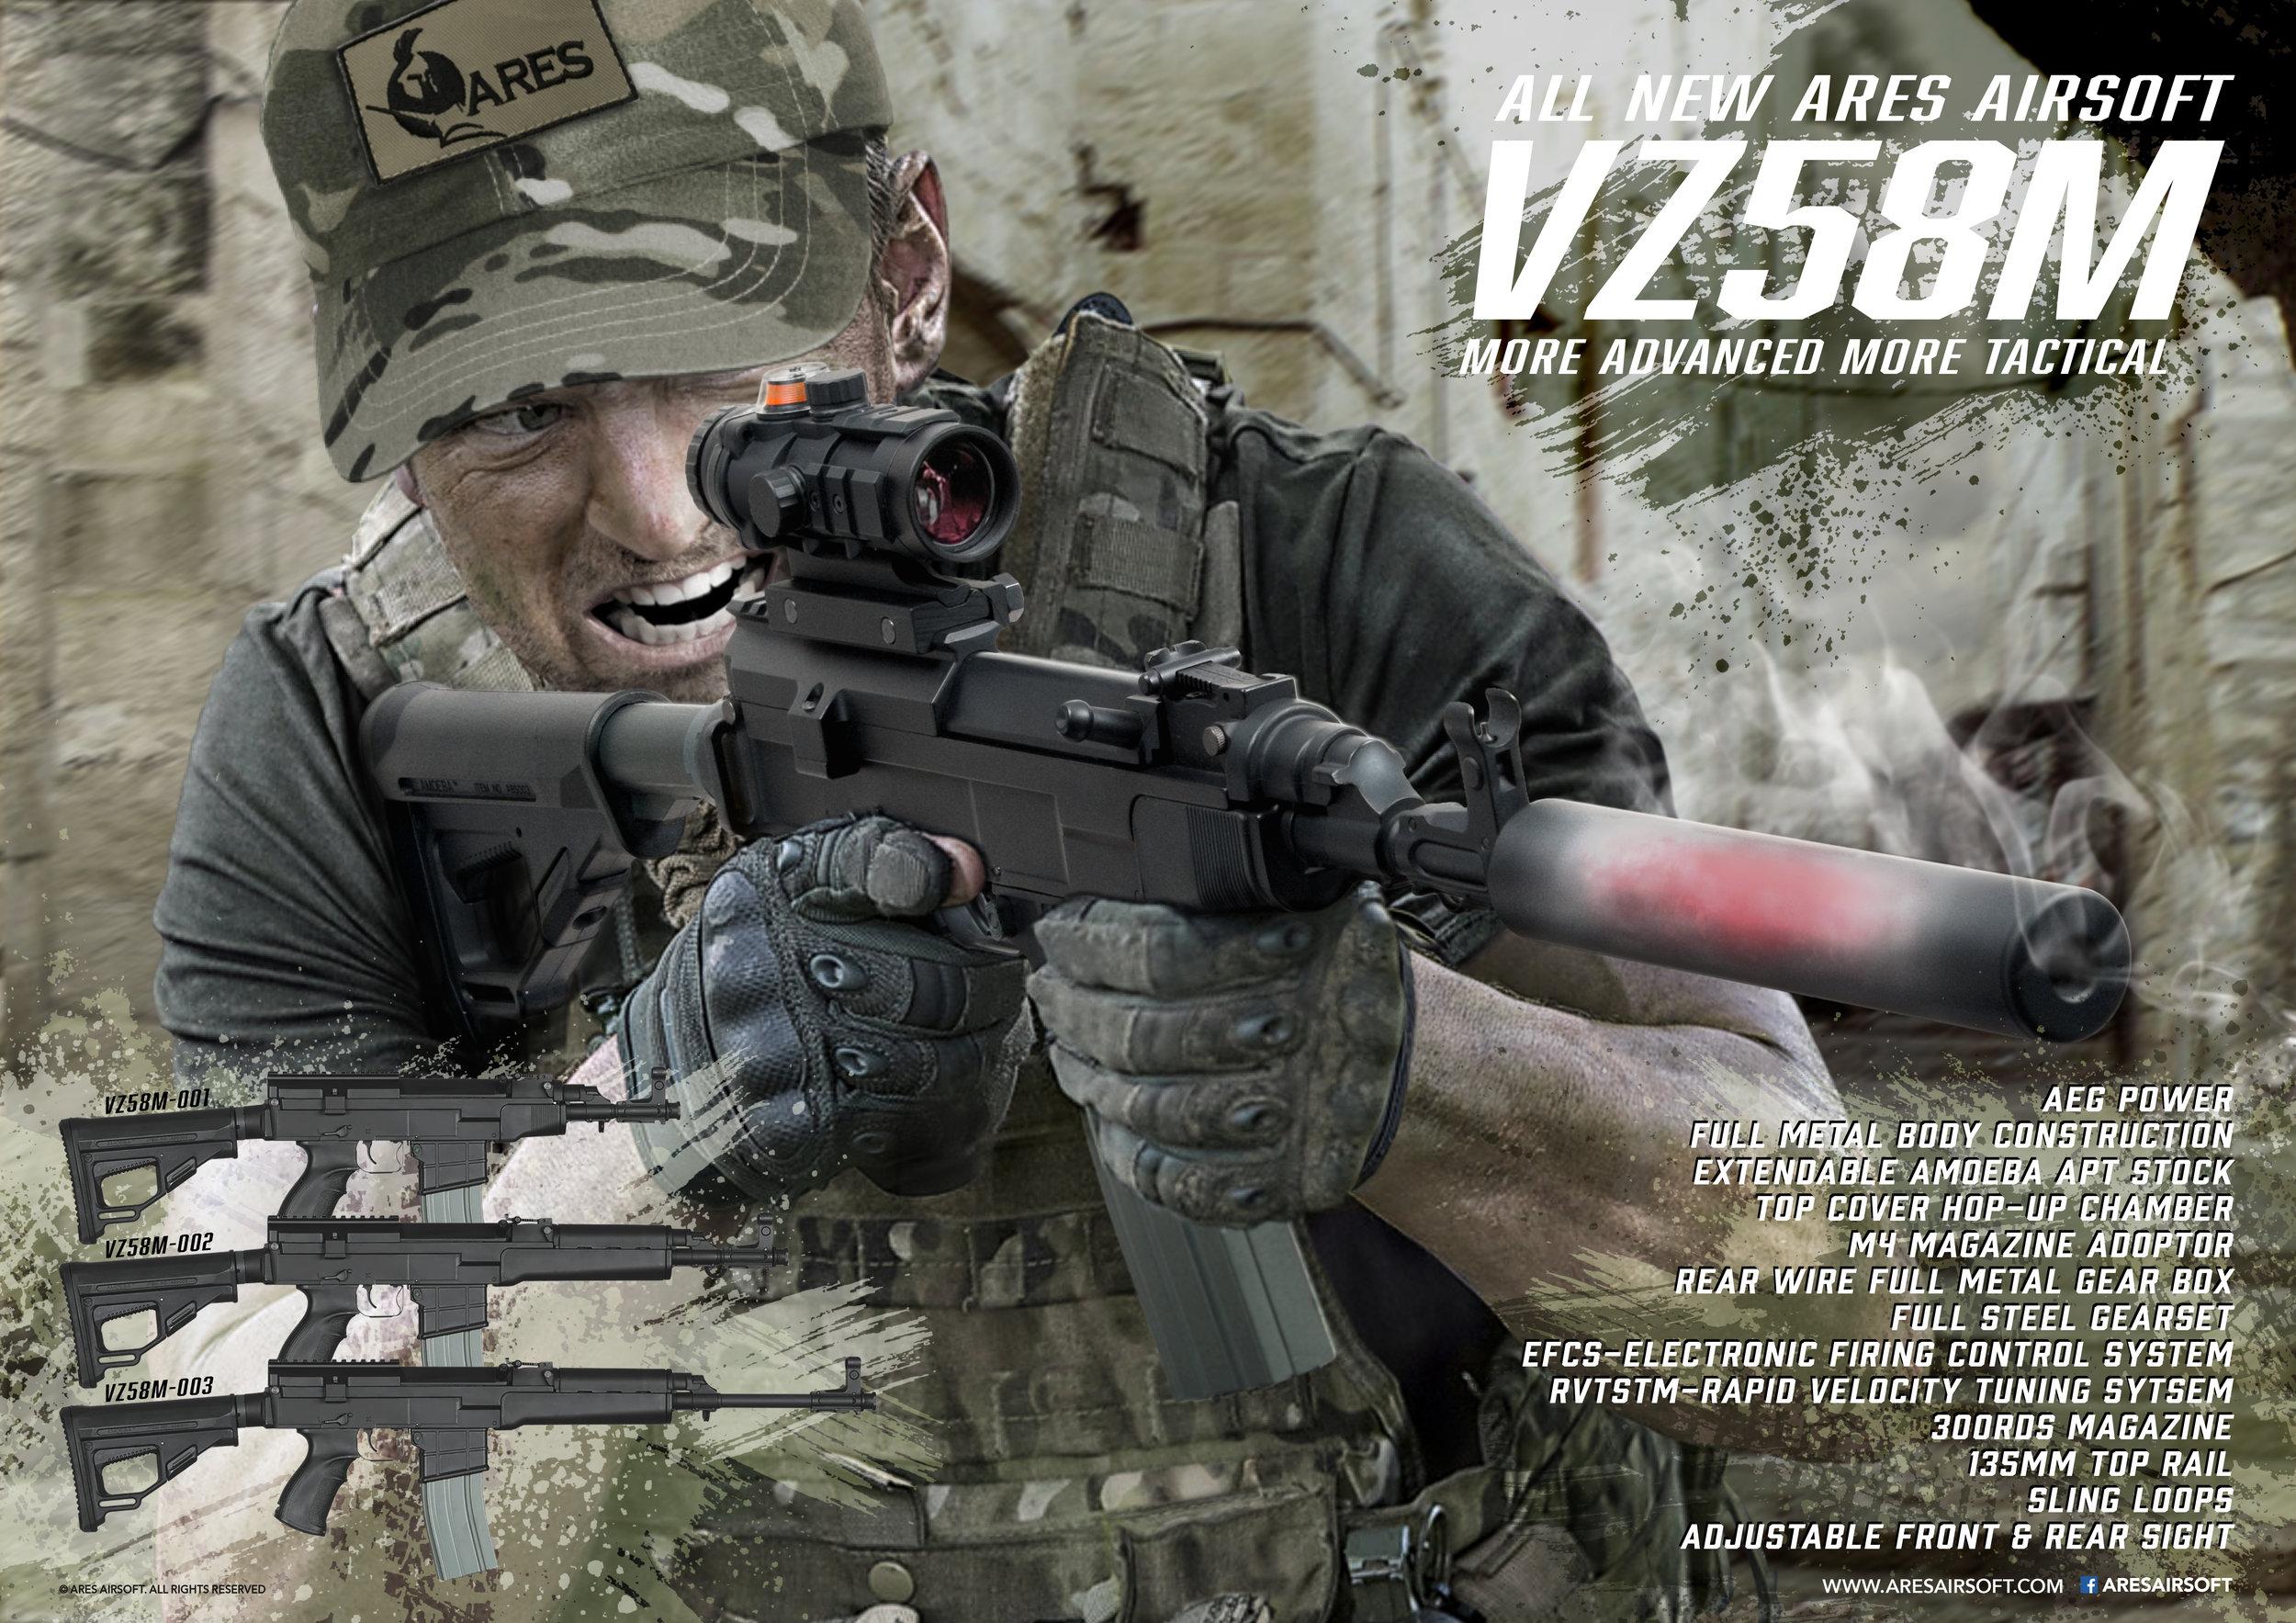 VZ58M POSTER